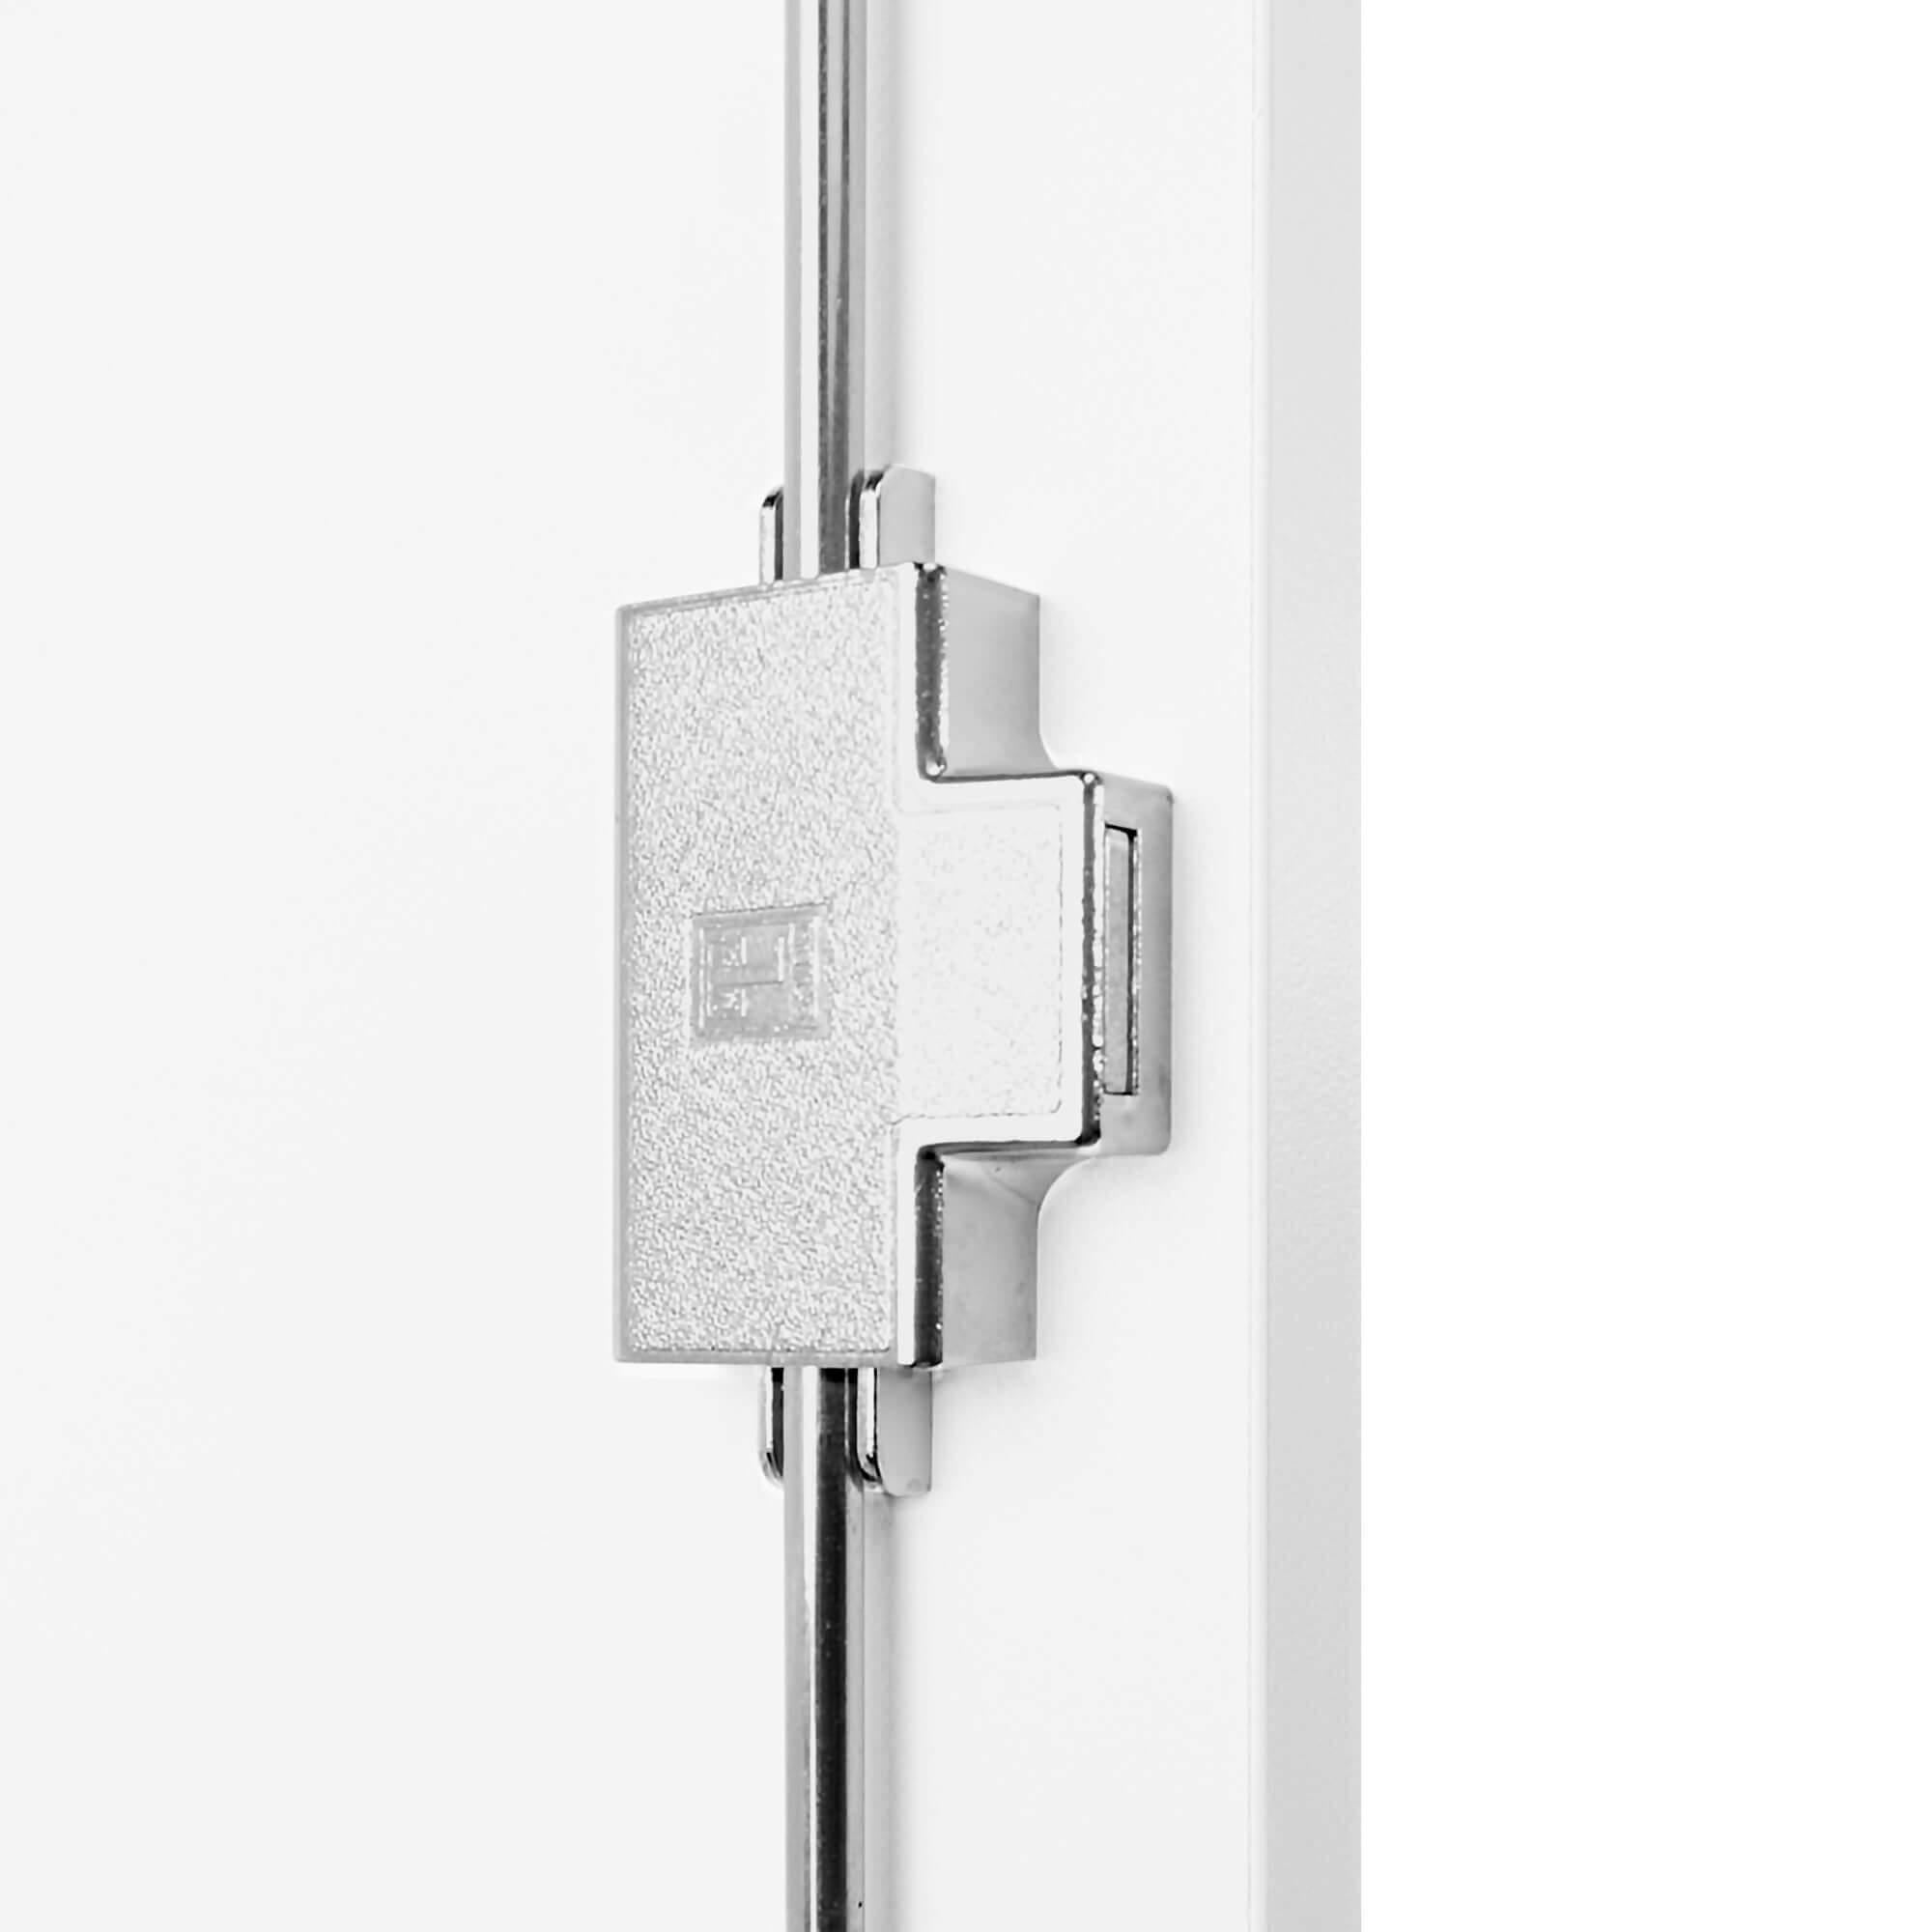 PROFI Kombischrank abschließbar 5 OH Weiß-Anthrazit Schrank Büroschrank Flügeltürenschrank